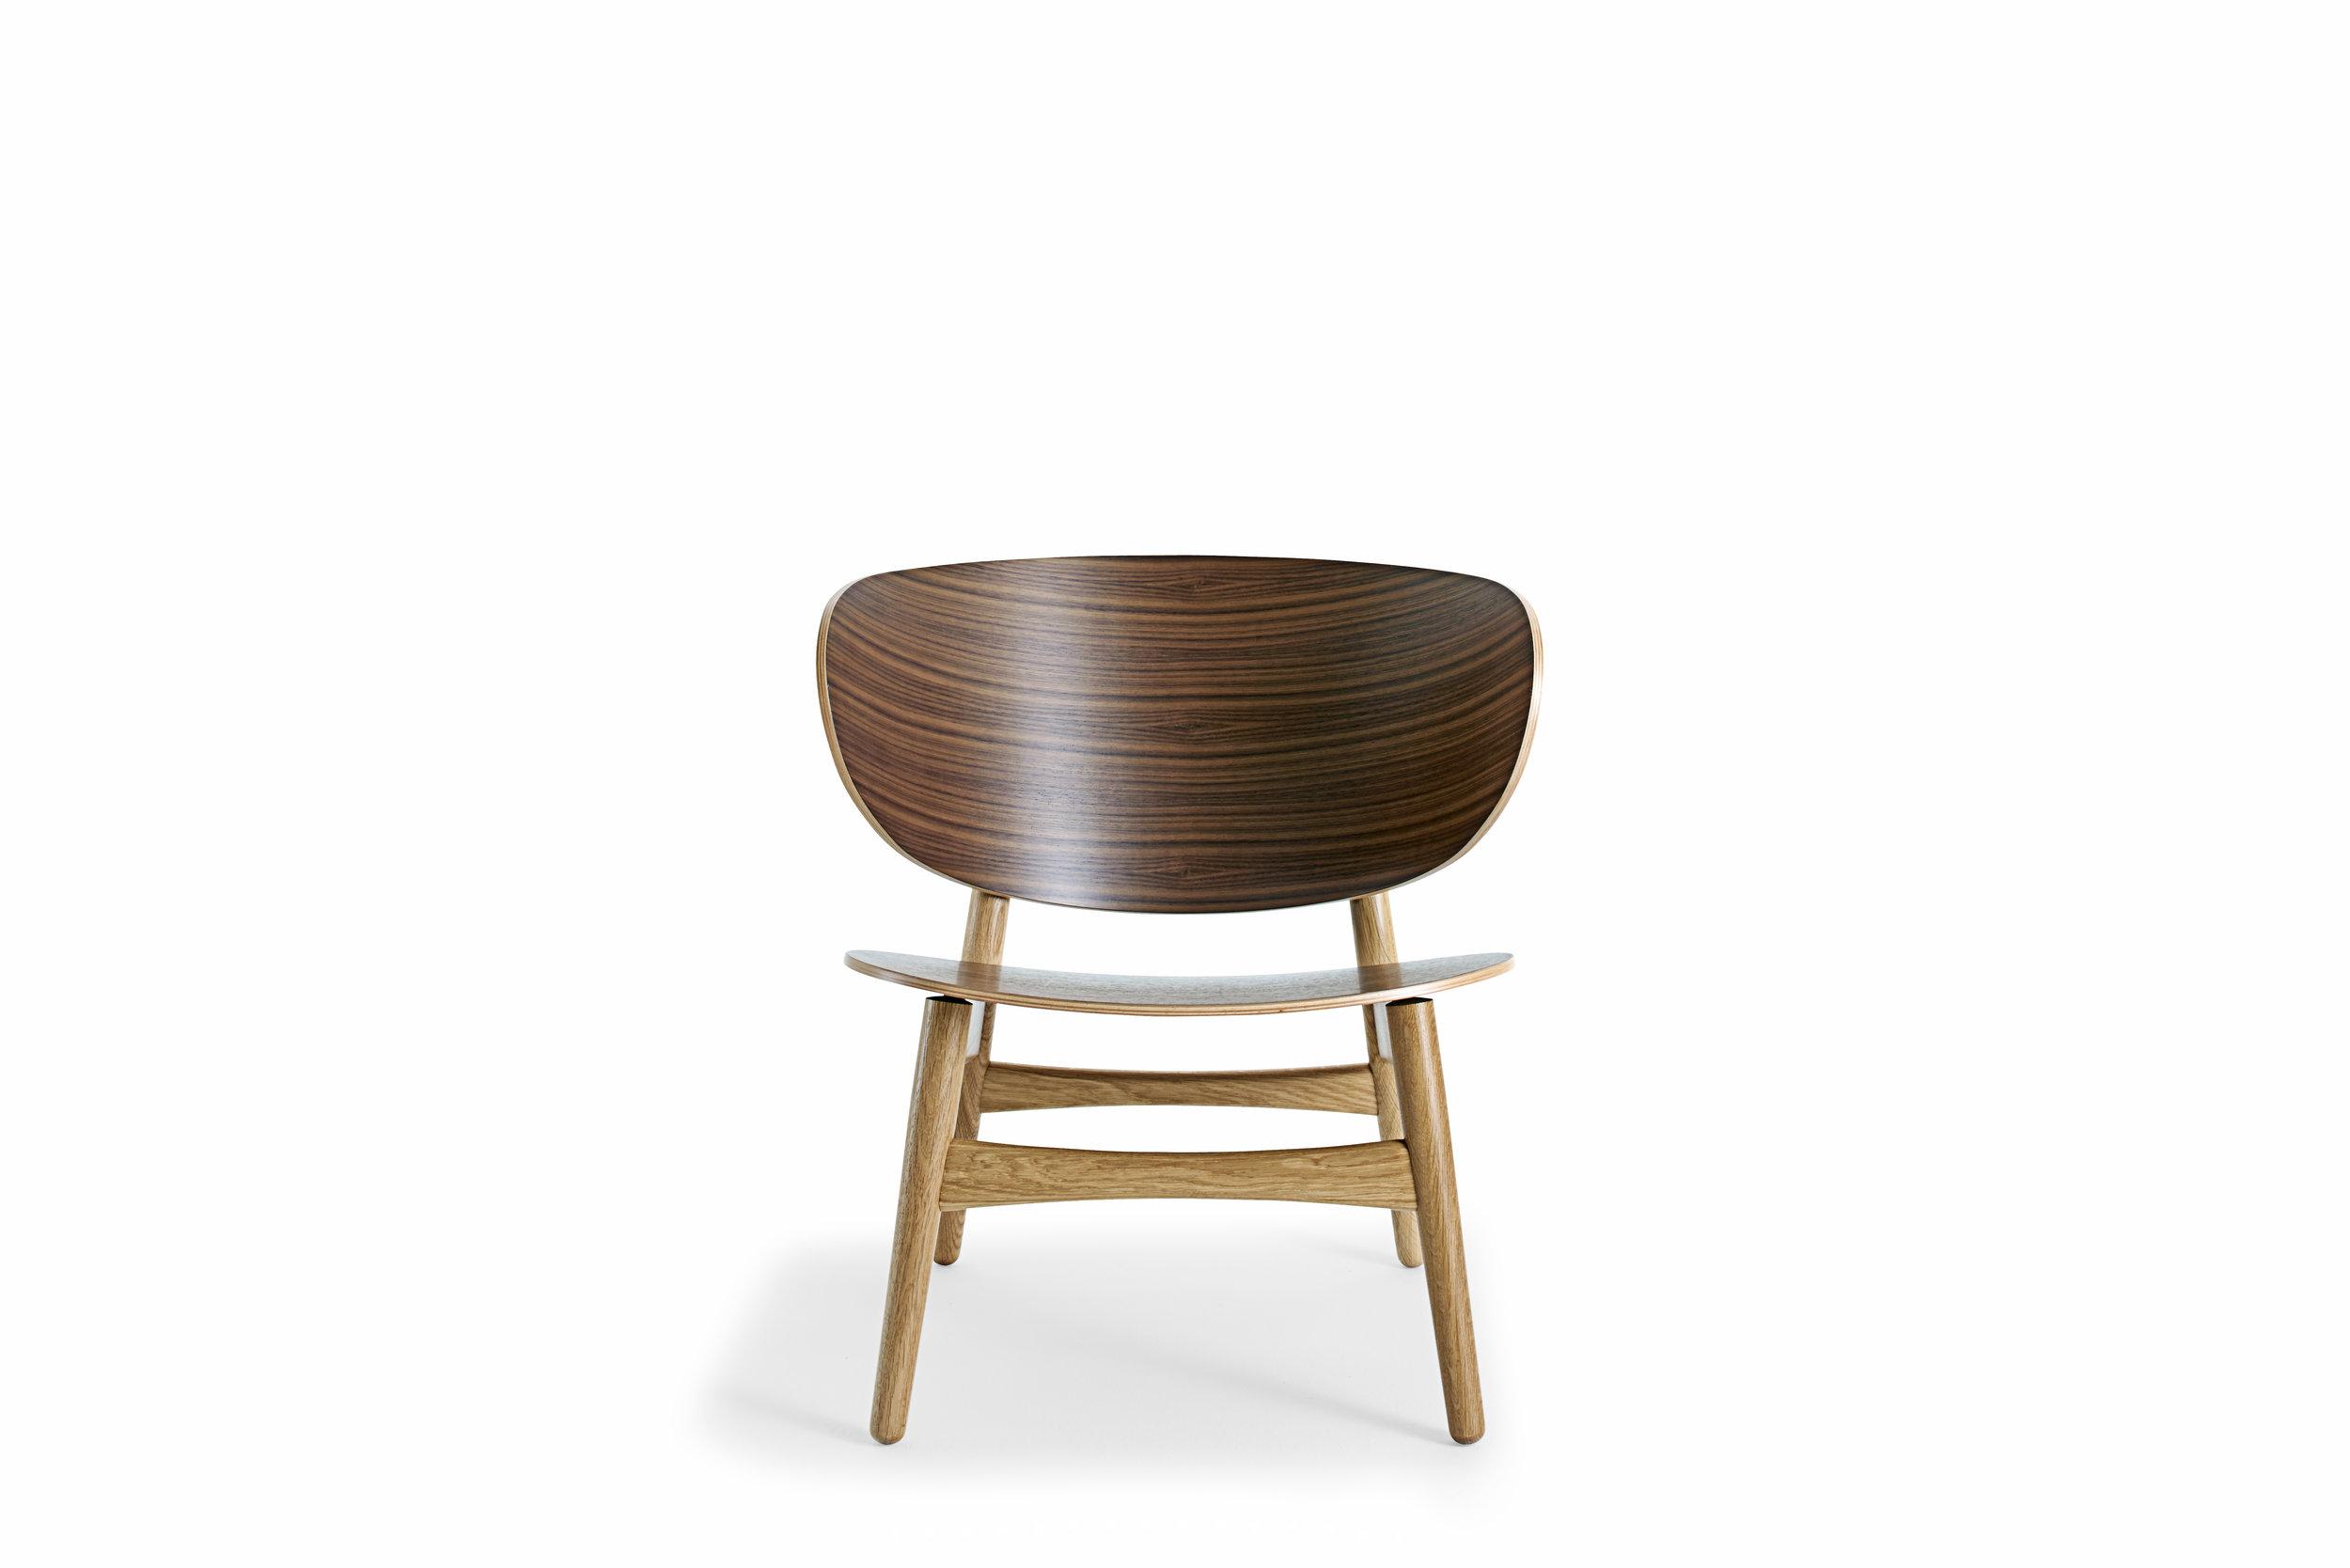 GE1936_GE_1936_Easy_Chair_Hans_Wegner_Getama_Gestalt_Newyork_7.jpg